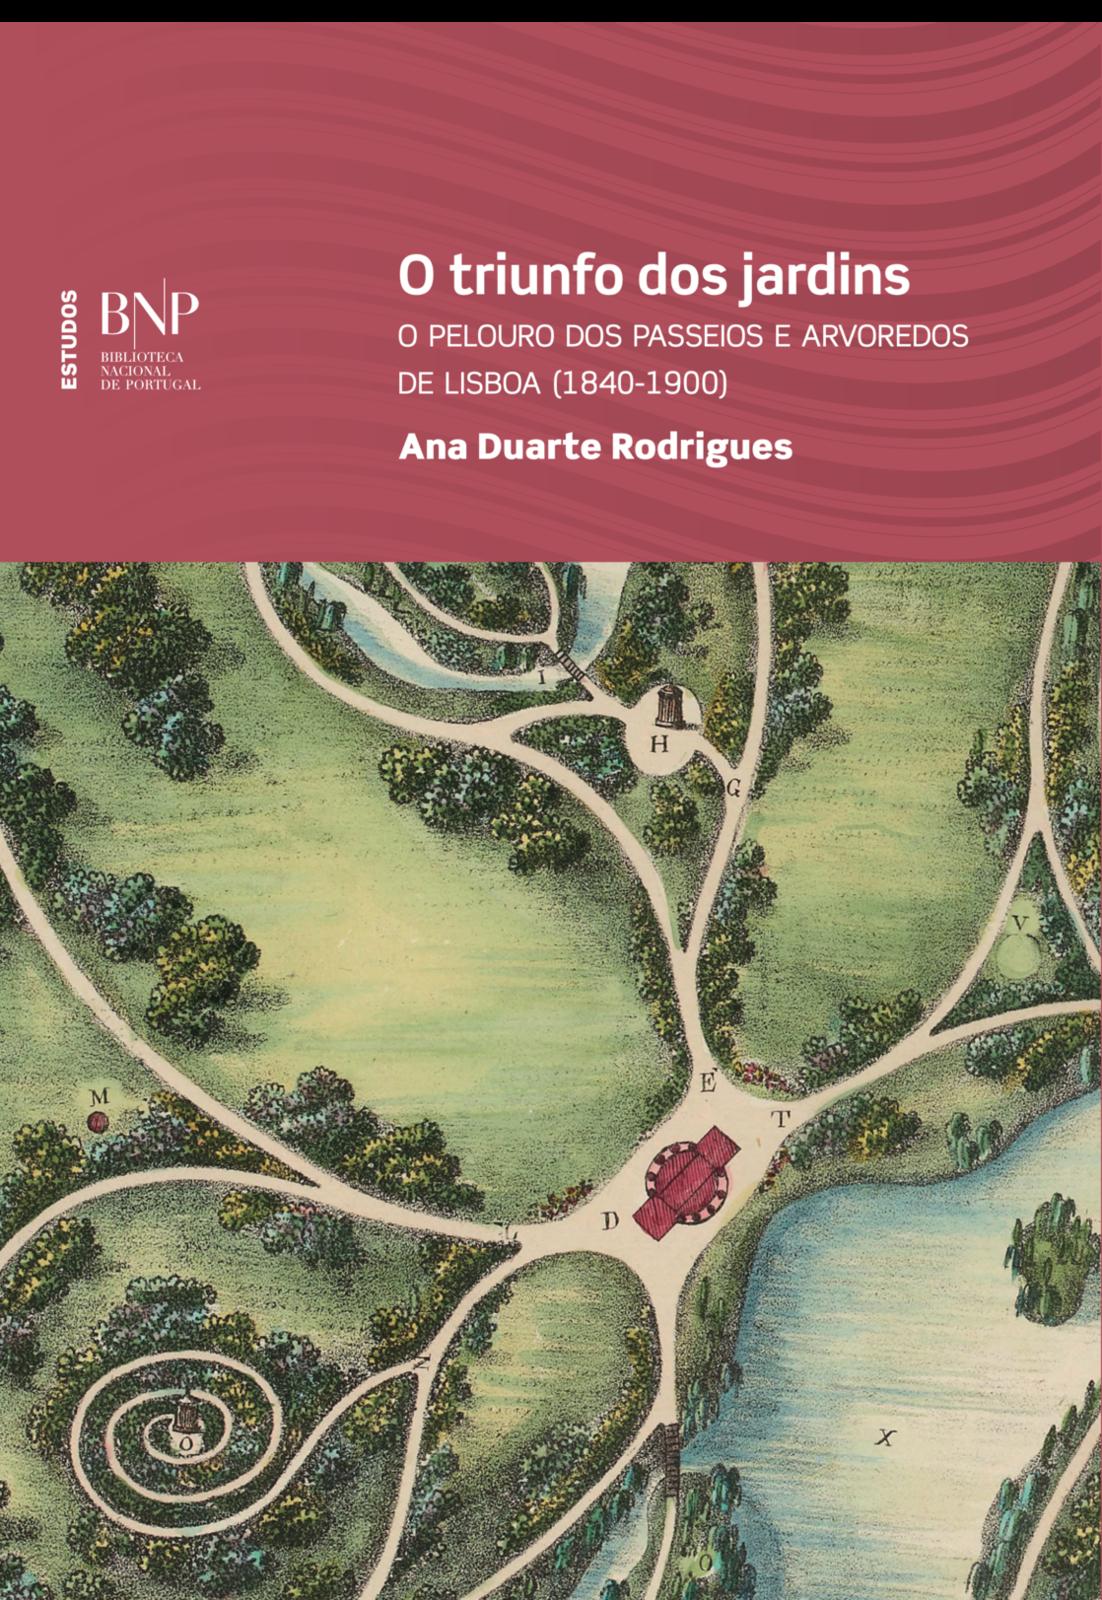 O Triunfo dos Jardins – O pelouro dos Passeios e Arvoredos de Lisboa (1840-1900), Capa